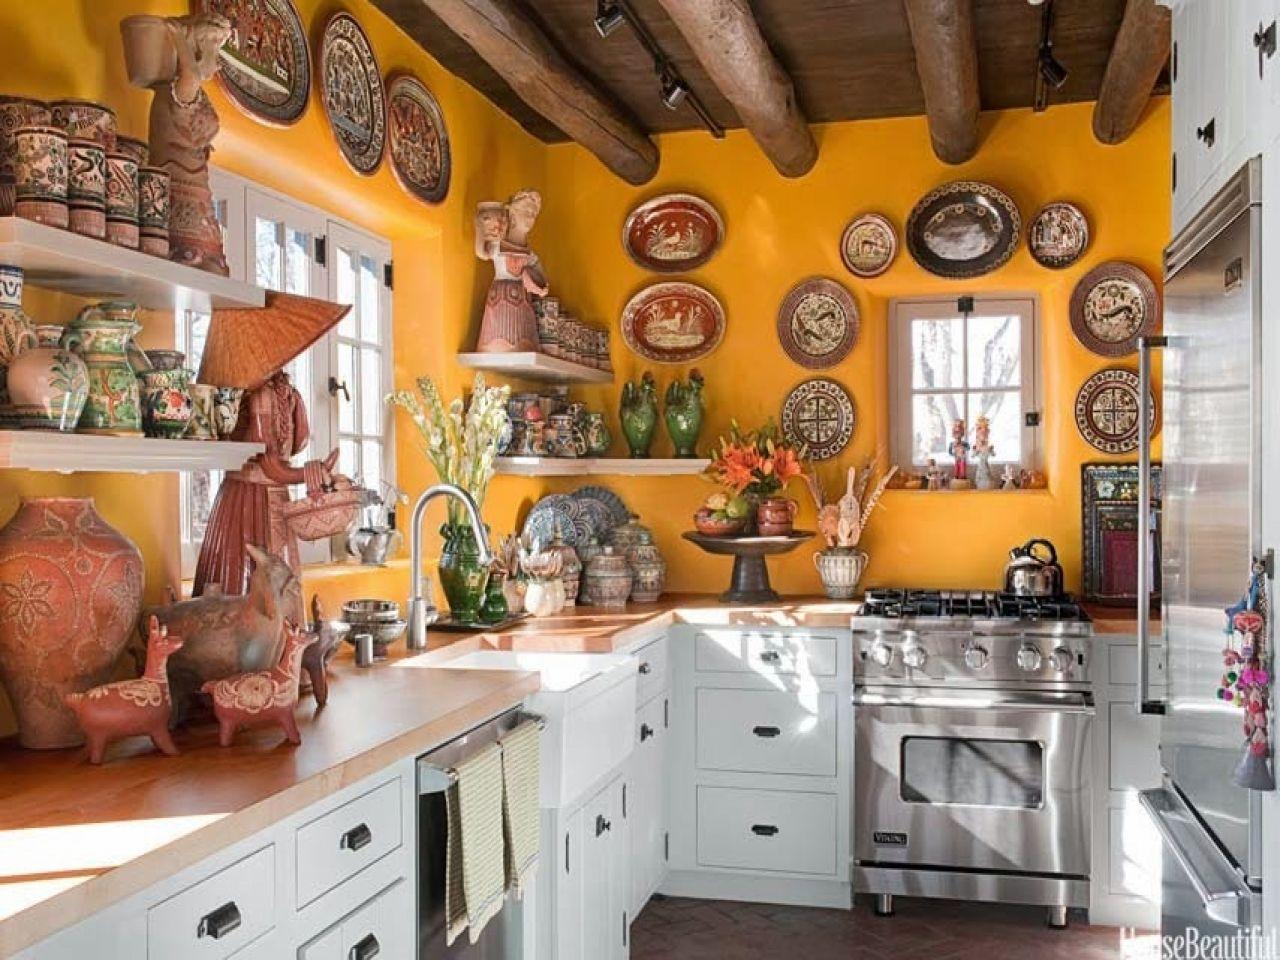 Küchenideen rot und weiß mexikanischen stil schlafzimmer möbel mexikanische küche dekor ideen